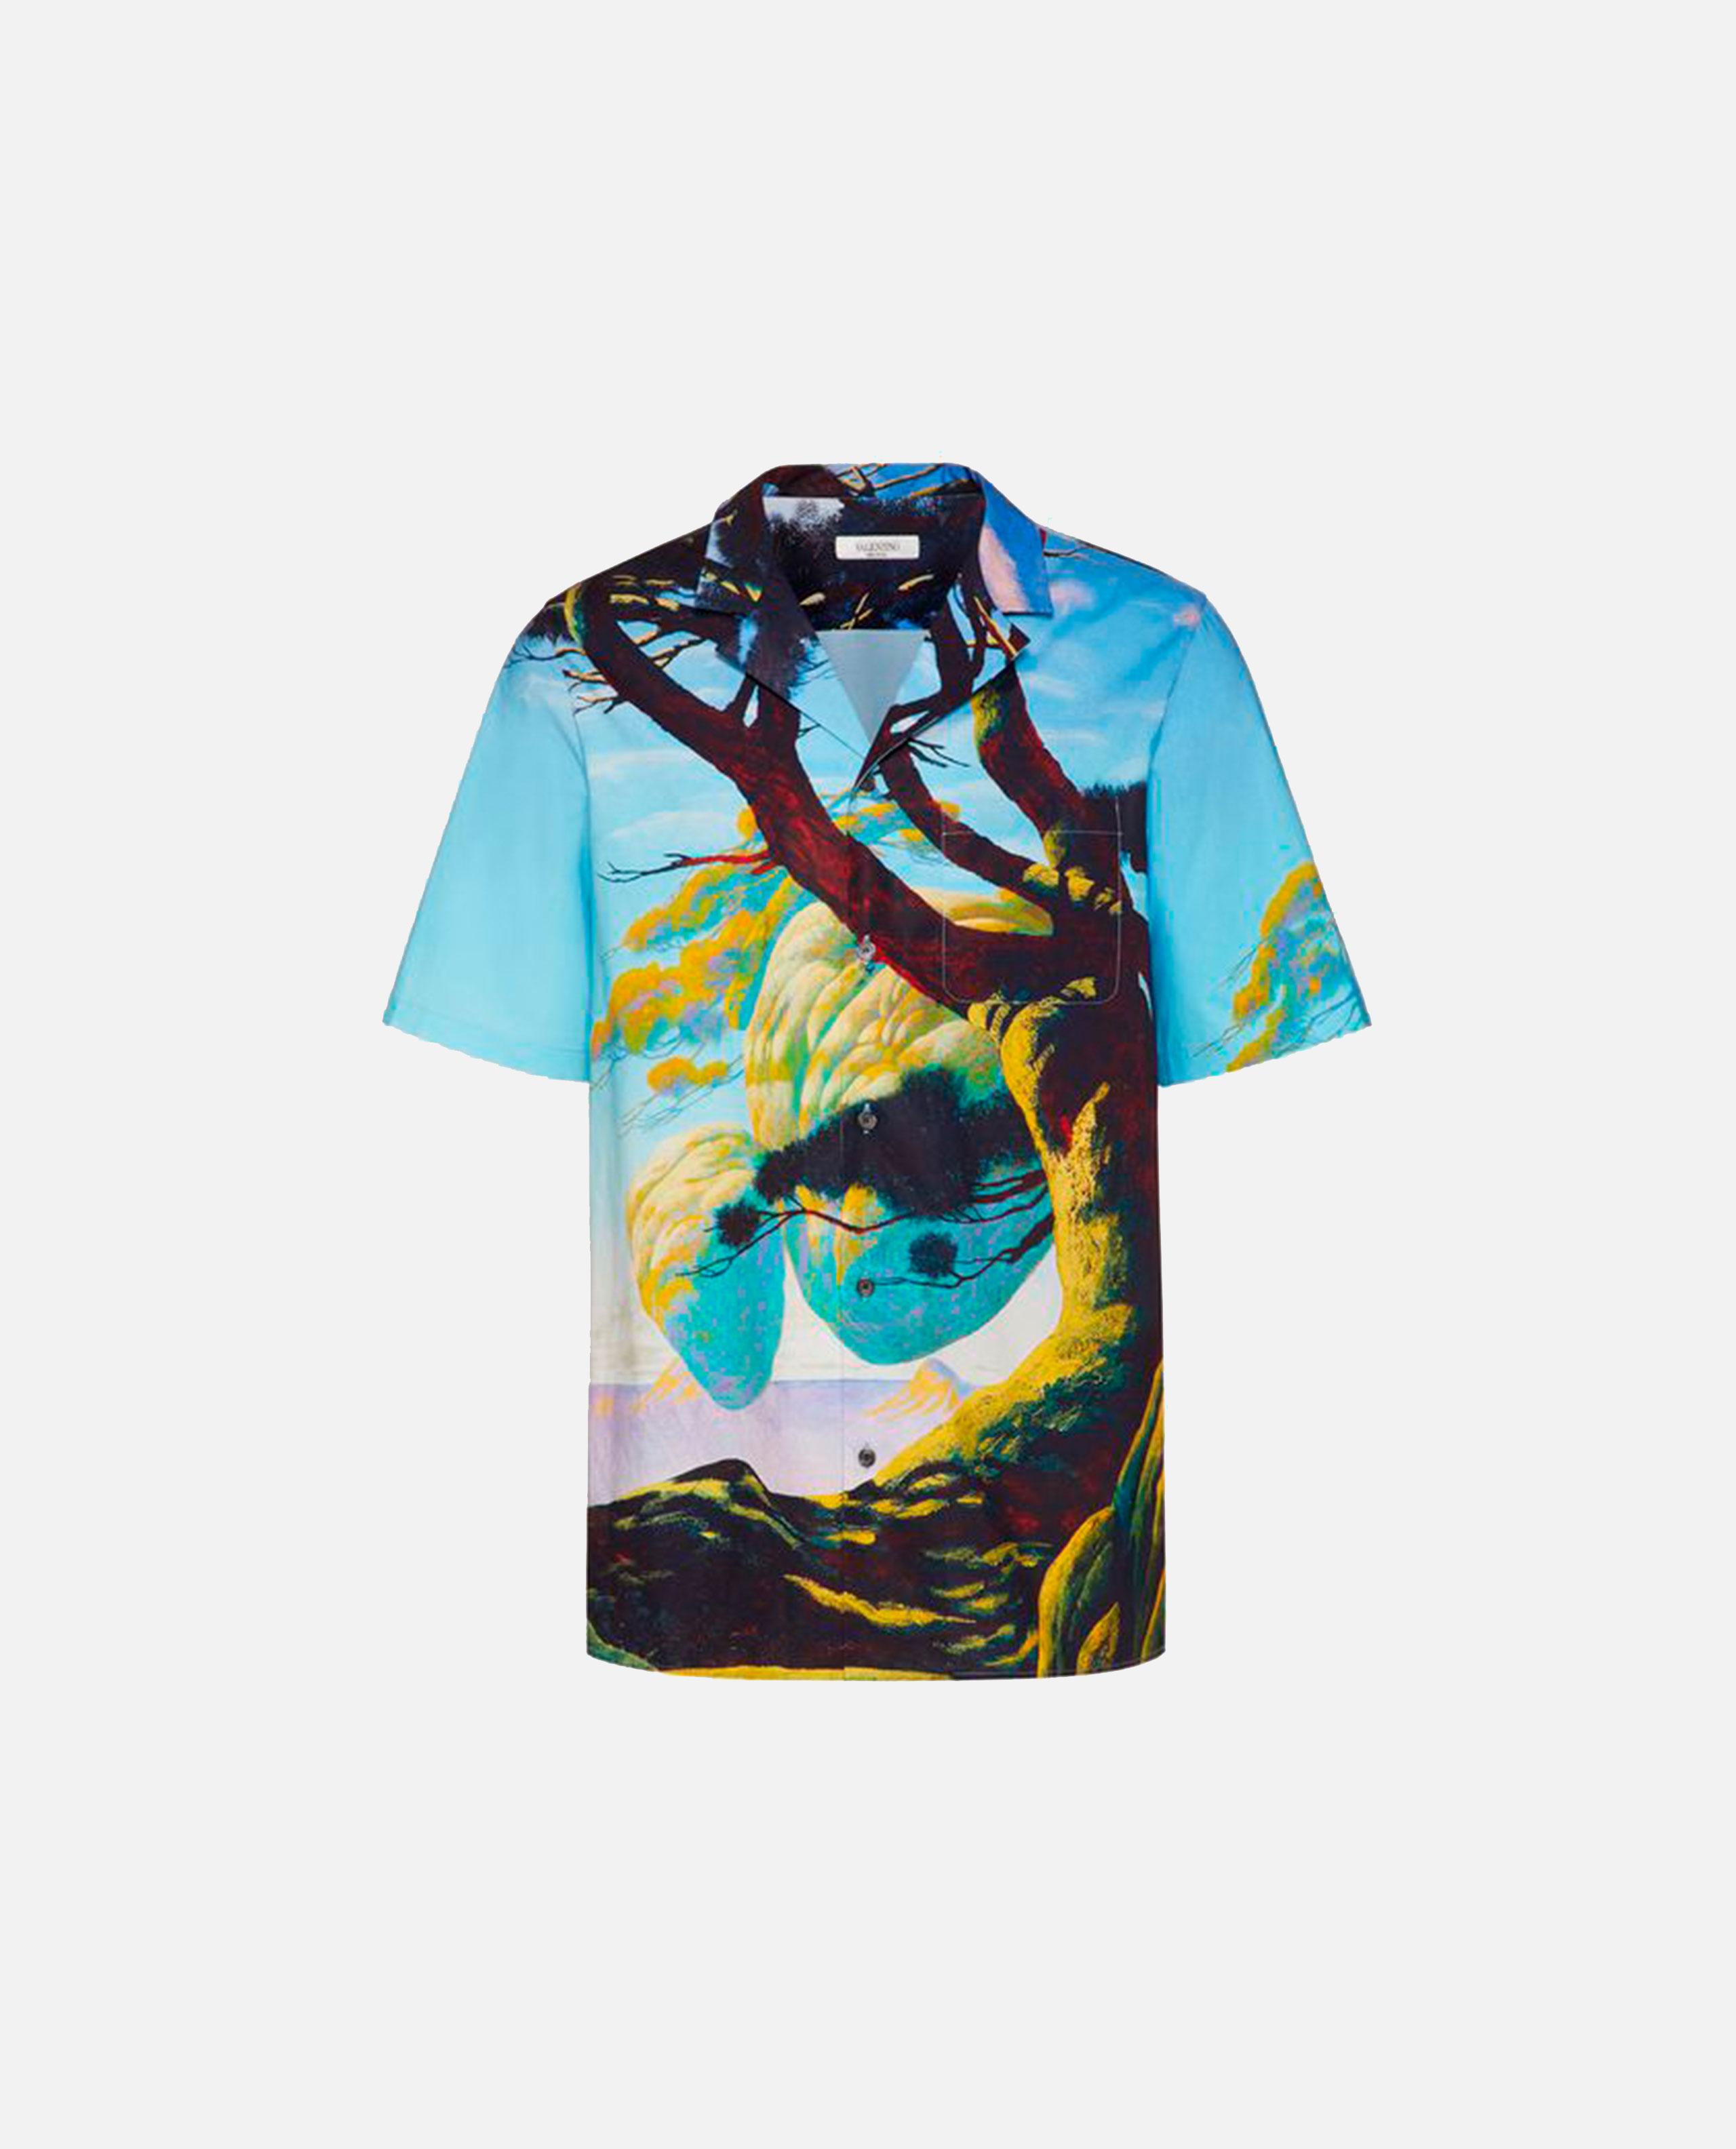 'Floating island' Shirt